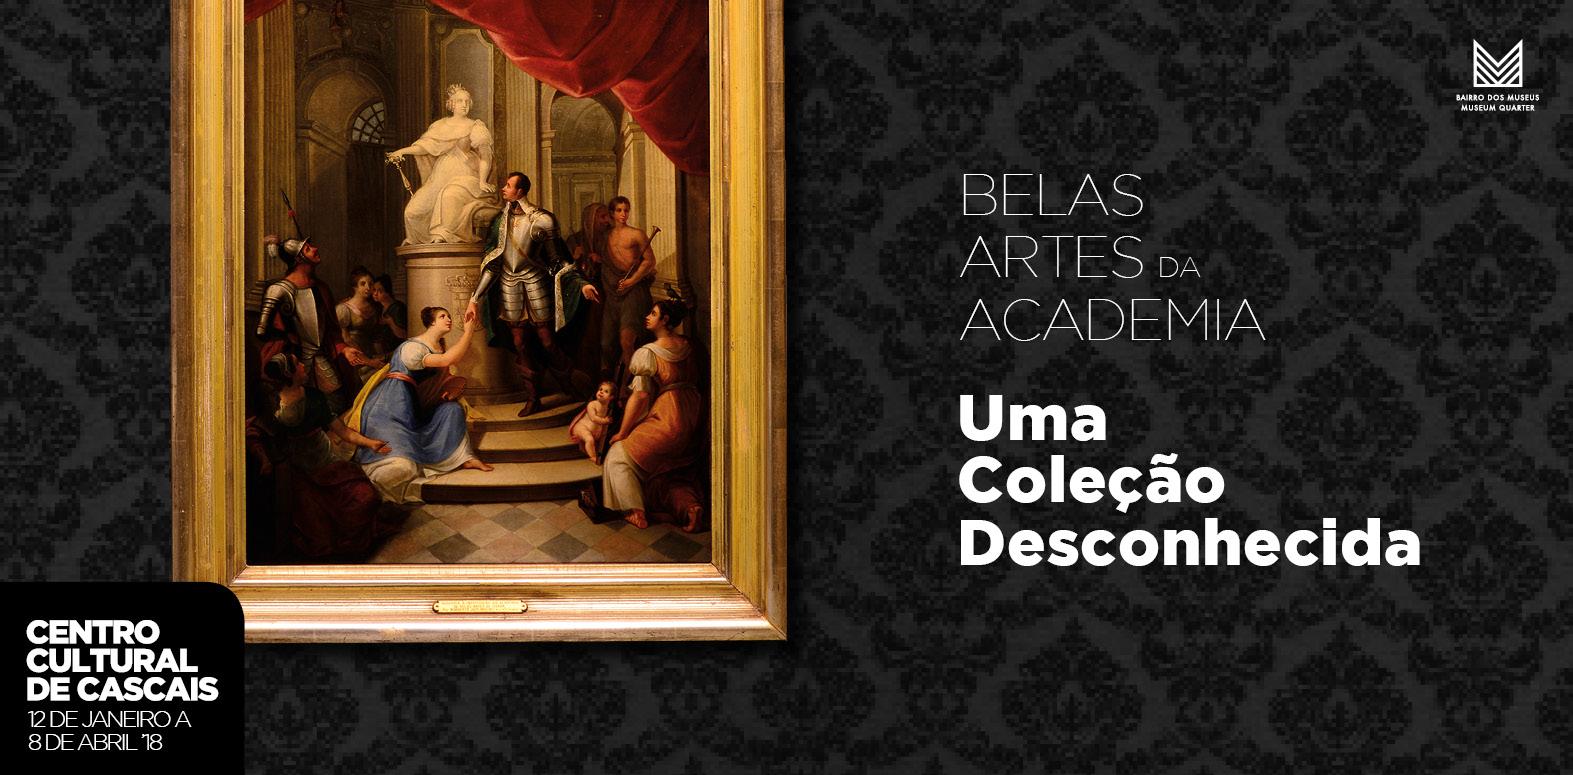 Belas Artes da Academia - Uma Coleção Desconhecida